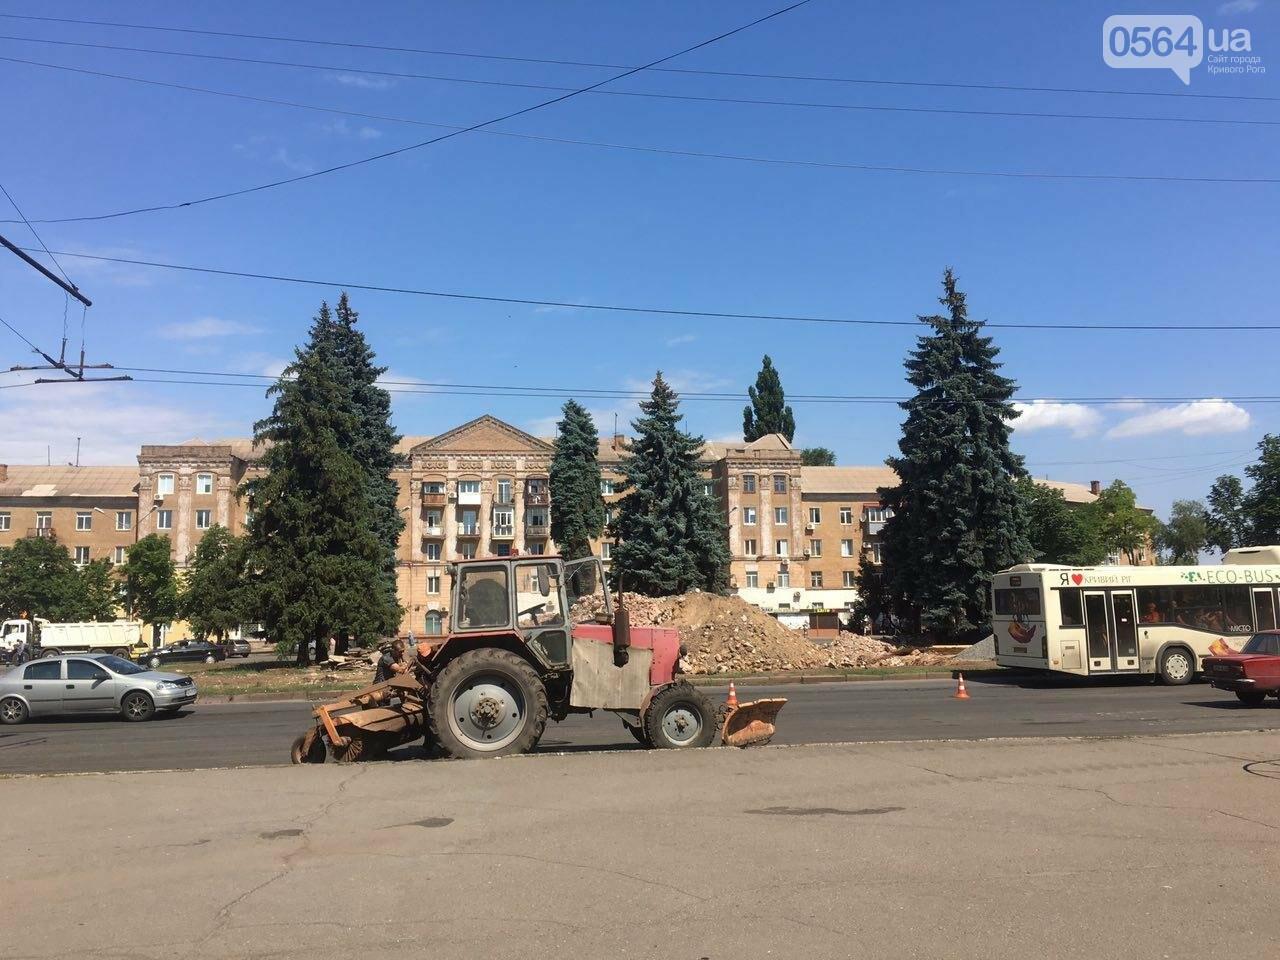 В Кривом Роге готовят площадь для установки памятника Киевскому князю Владимиру Великому, - ФОТО, фото-9